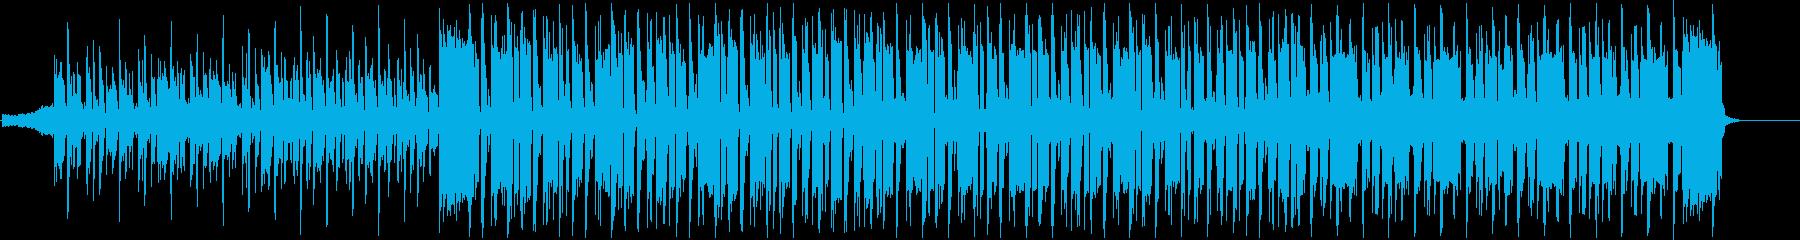 ダンス・エレクトロニカ楽器。ディス...の再生済みの波形